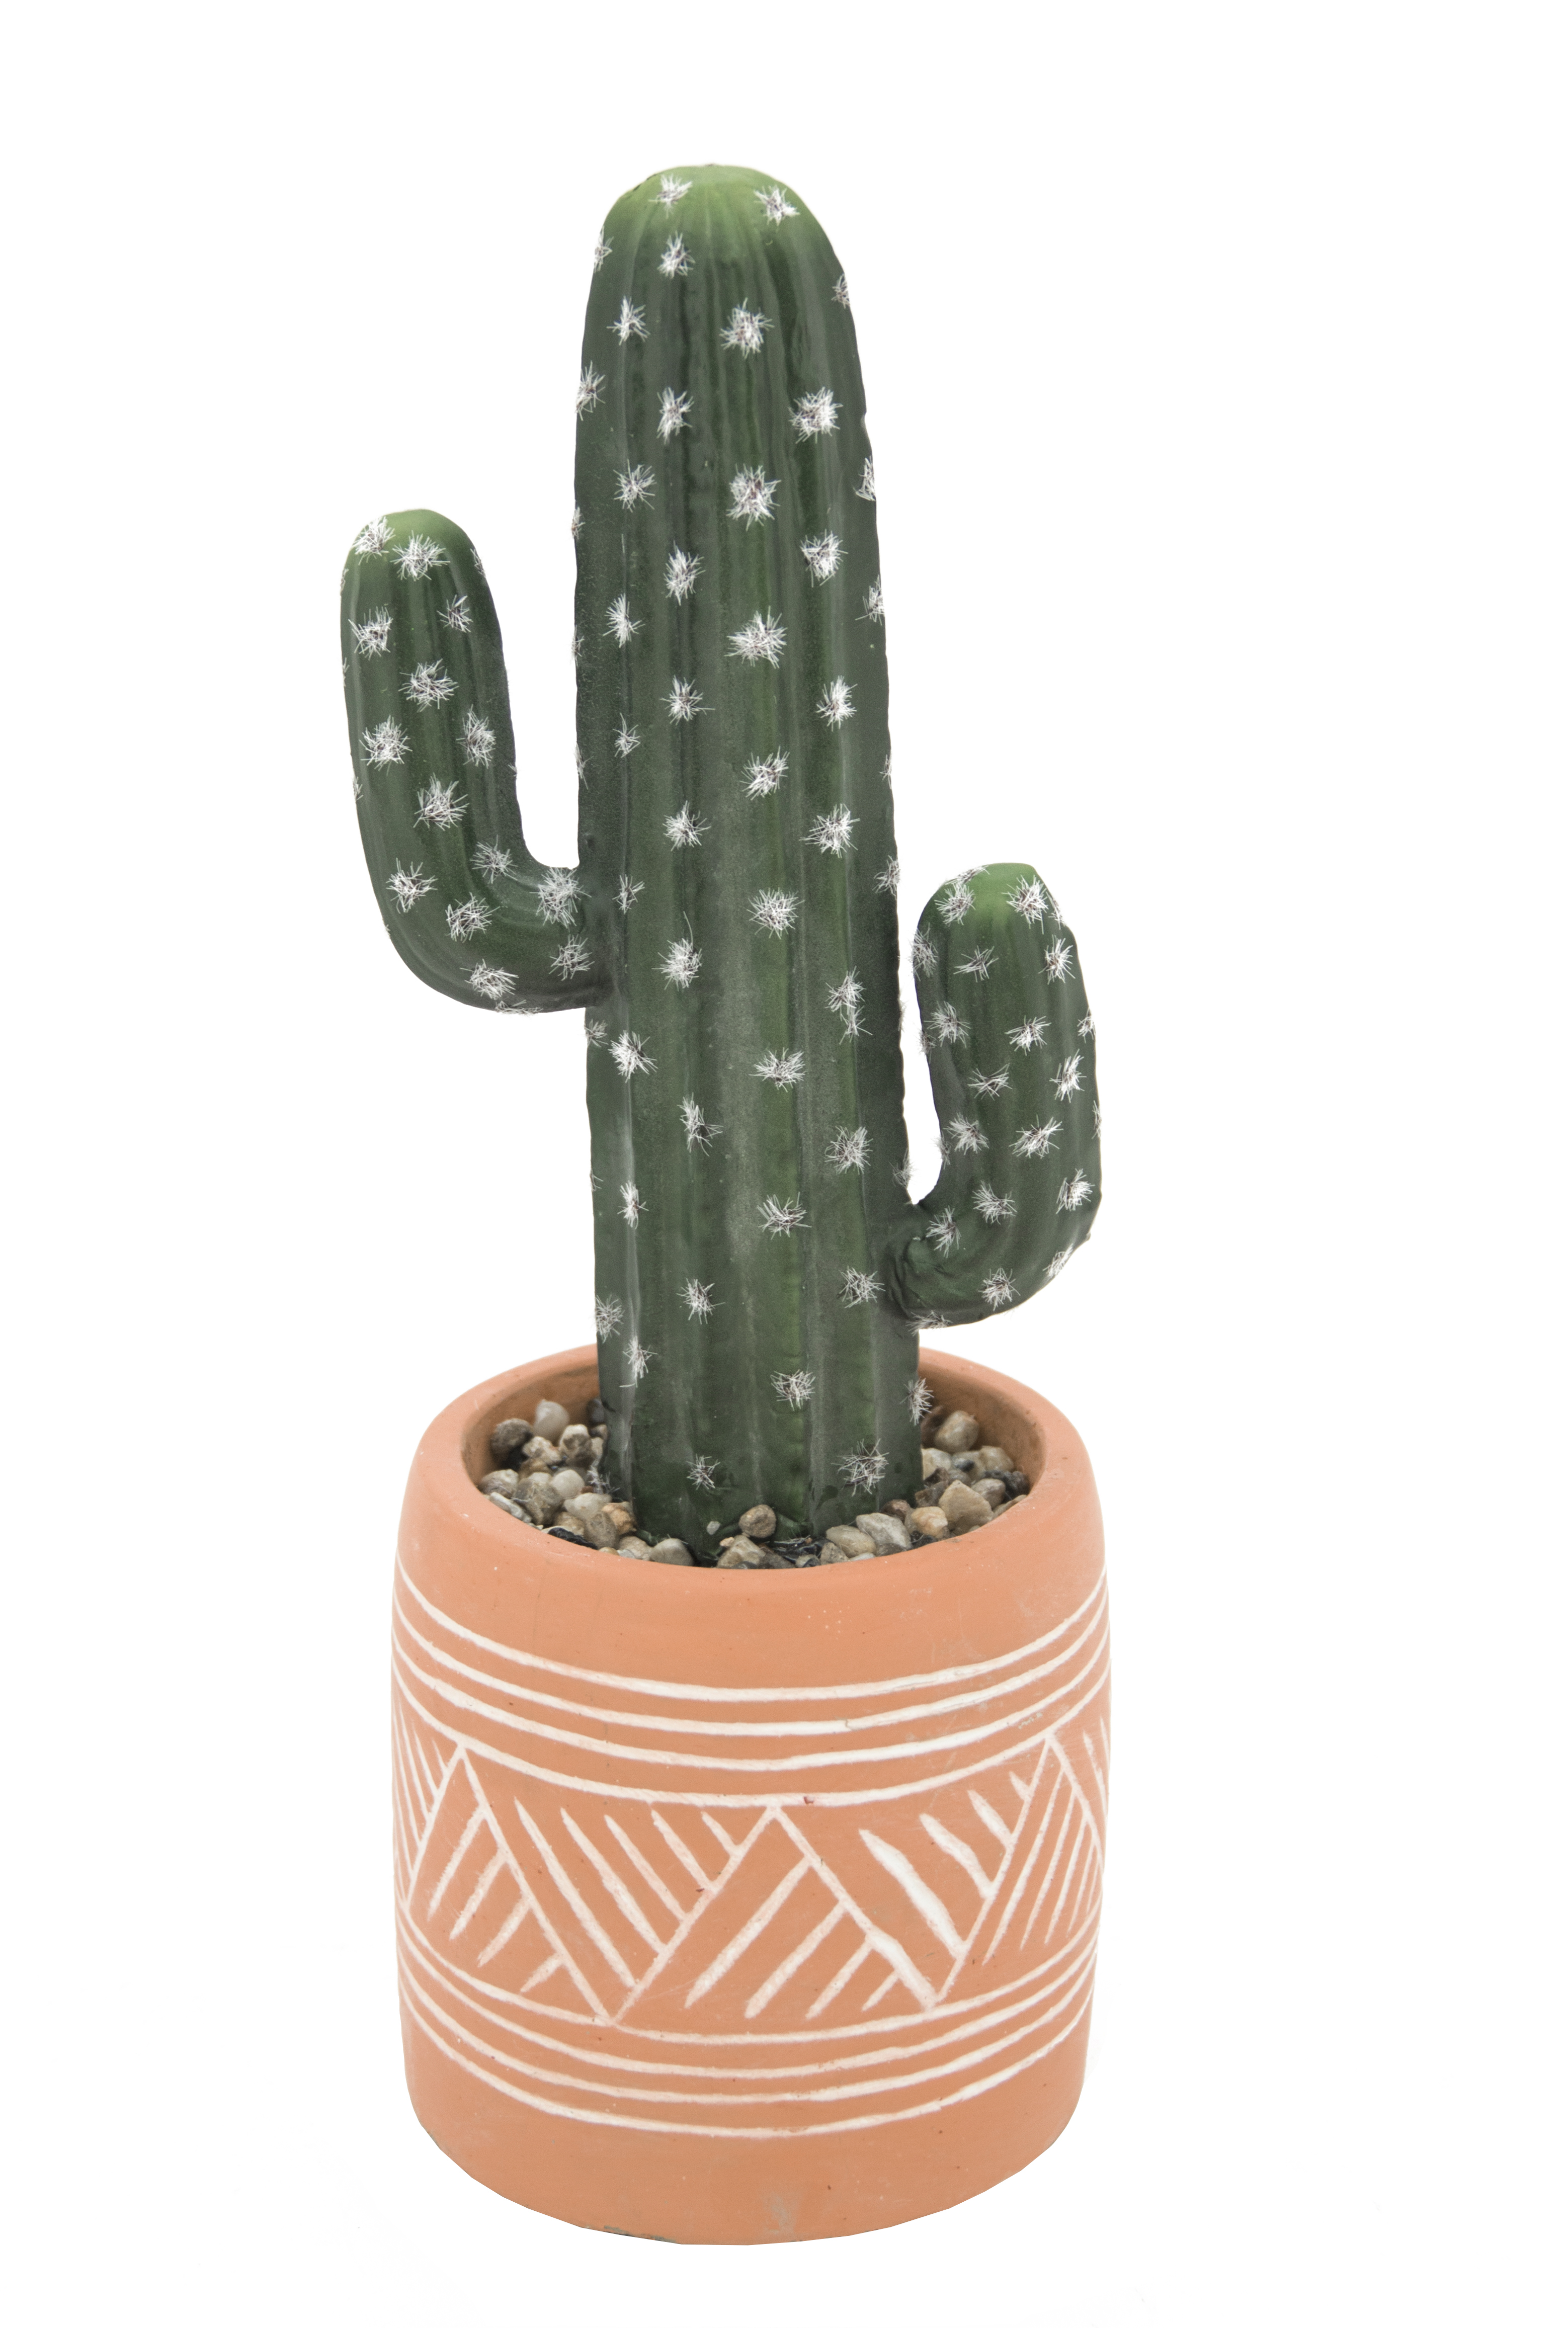 Cactus artificiel en pot ethnique en terracotta 29cm